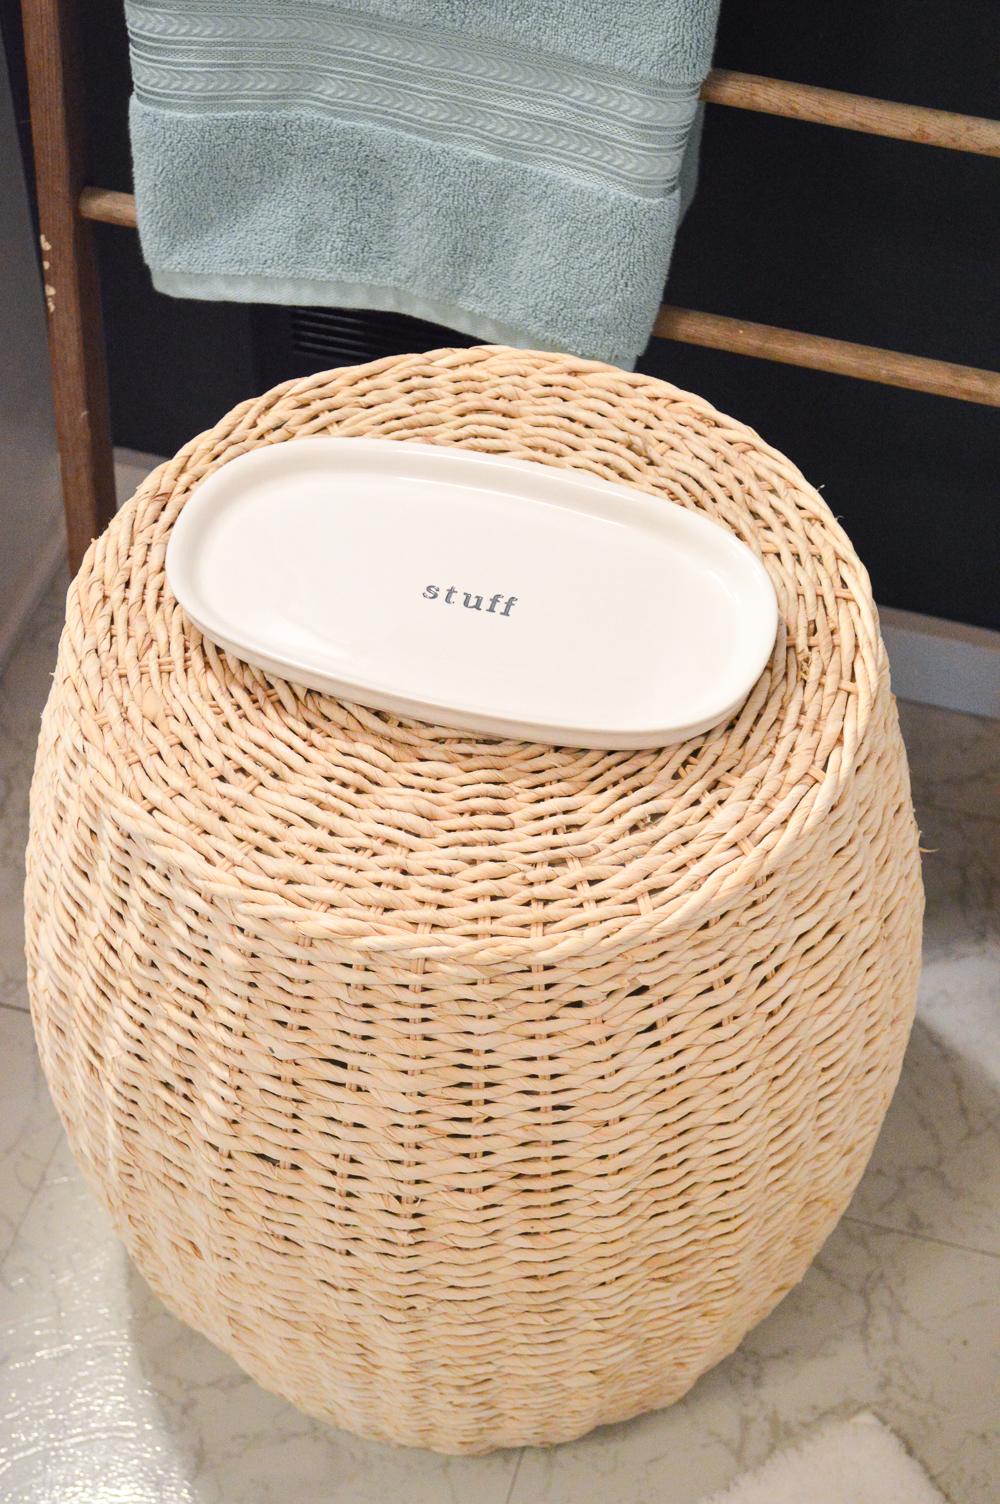 """Aqua Summer Bathroom Refresh. BHG """"stuff"""" ceramic tray. #sponsored"""